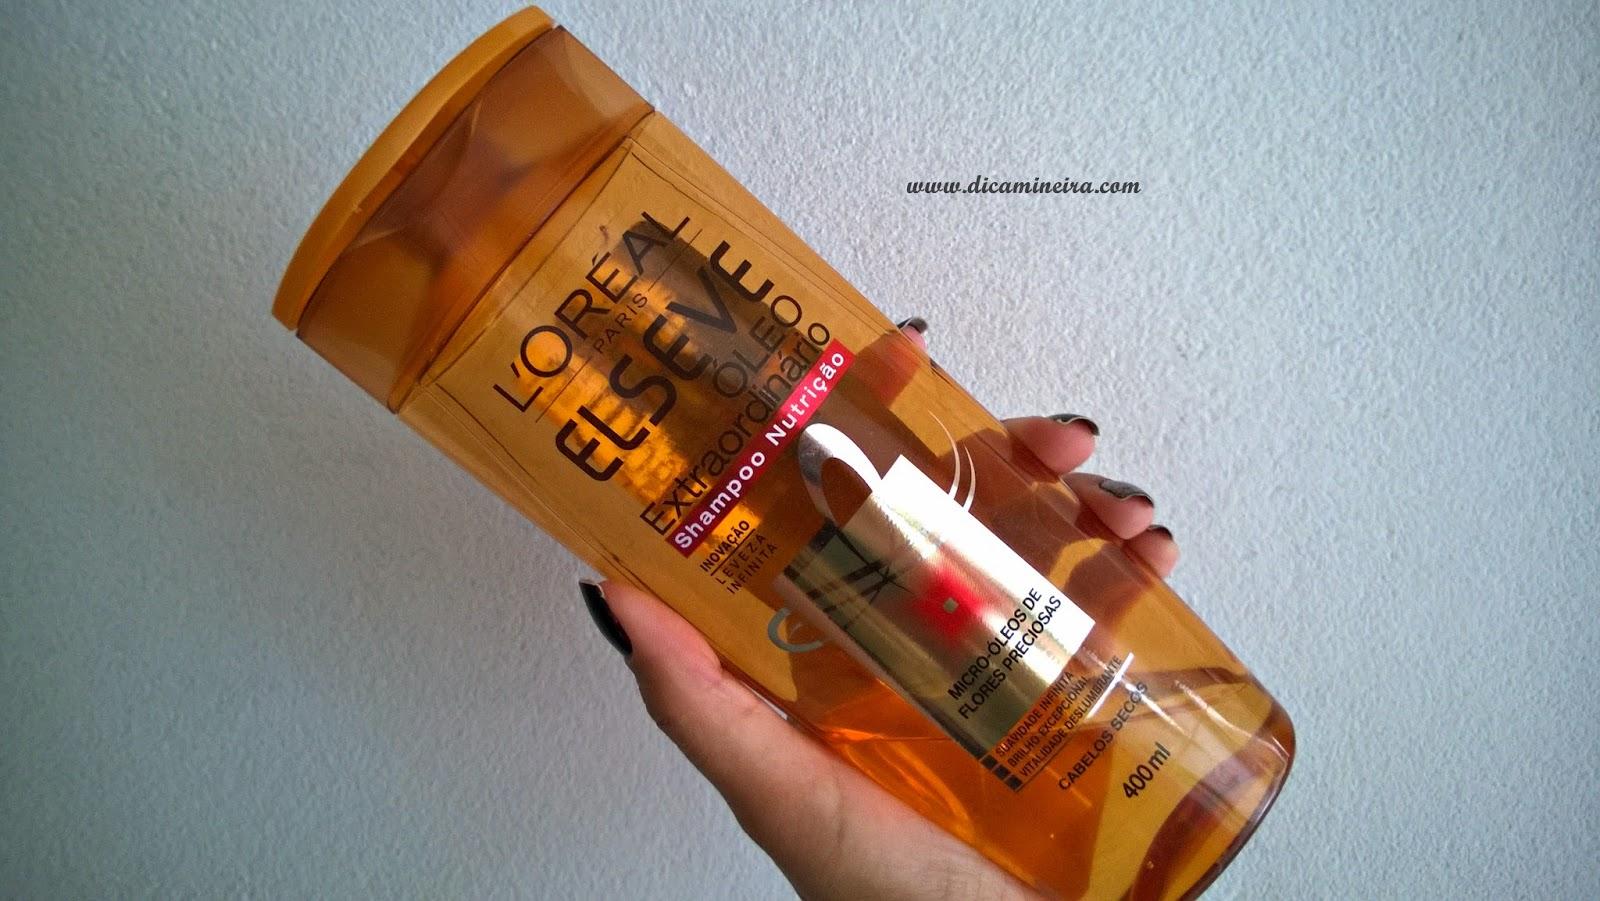 Testei: Shampoo Elseve Extraordinário L'oreal